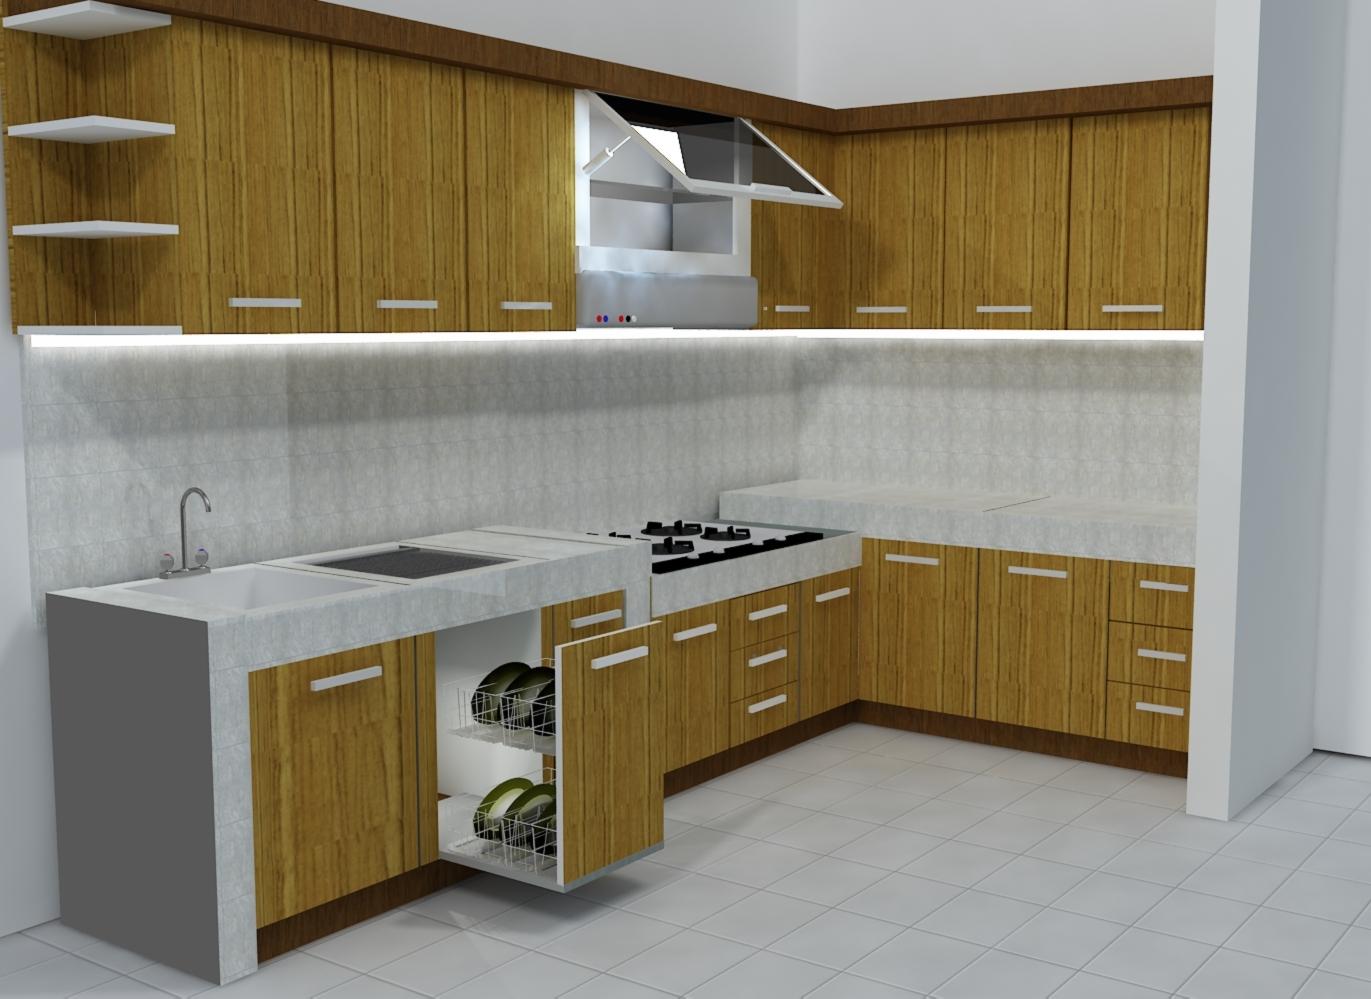 Harga  70 Model Gambar Kitchen Set Minimalis  Desainrumahnyacom